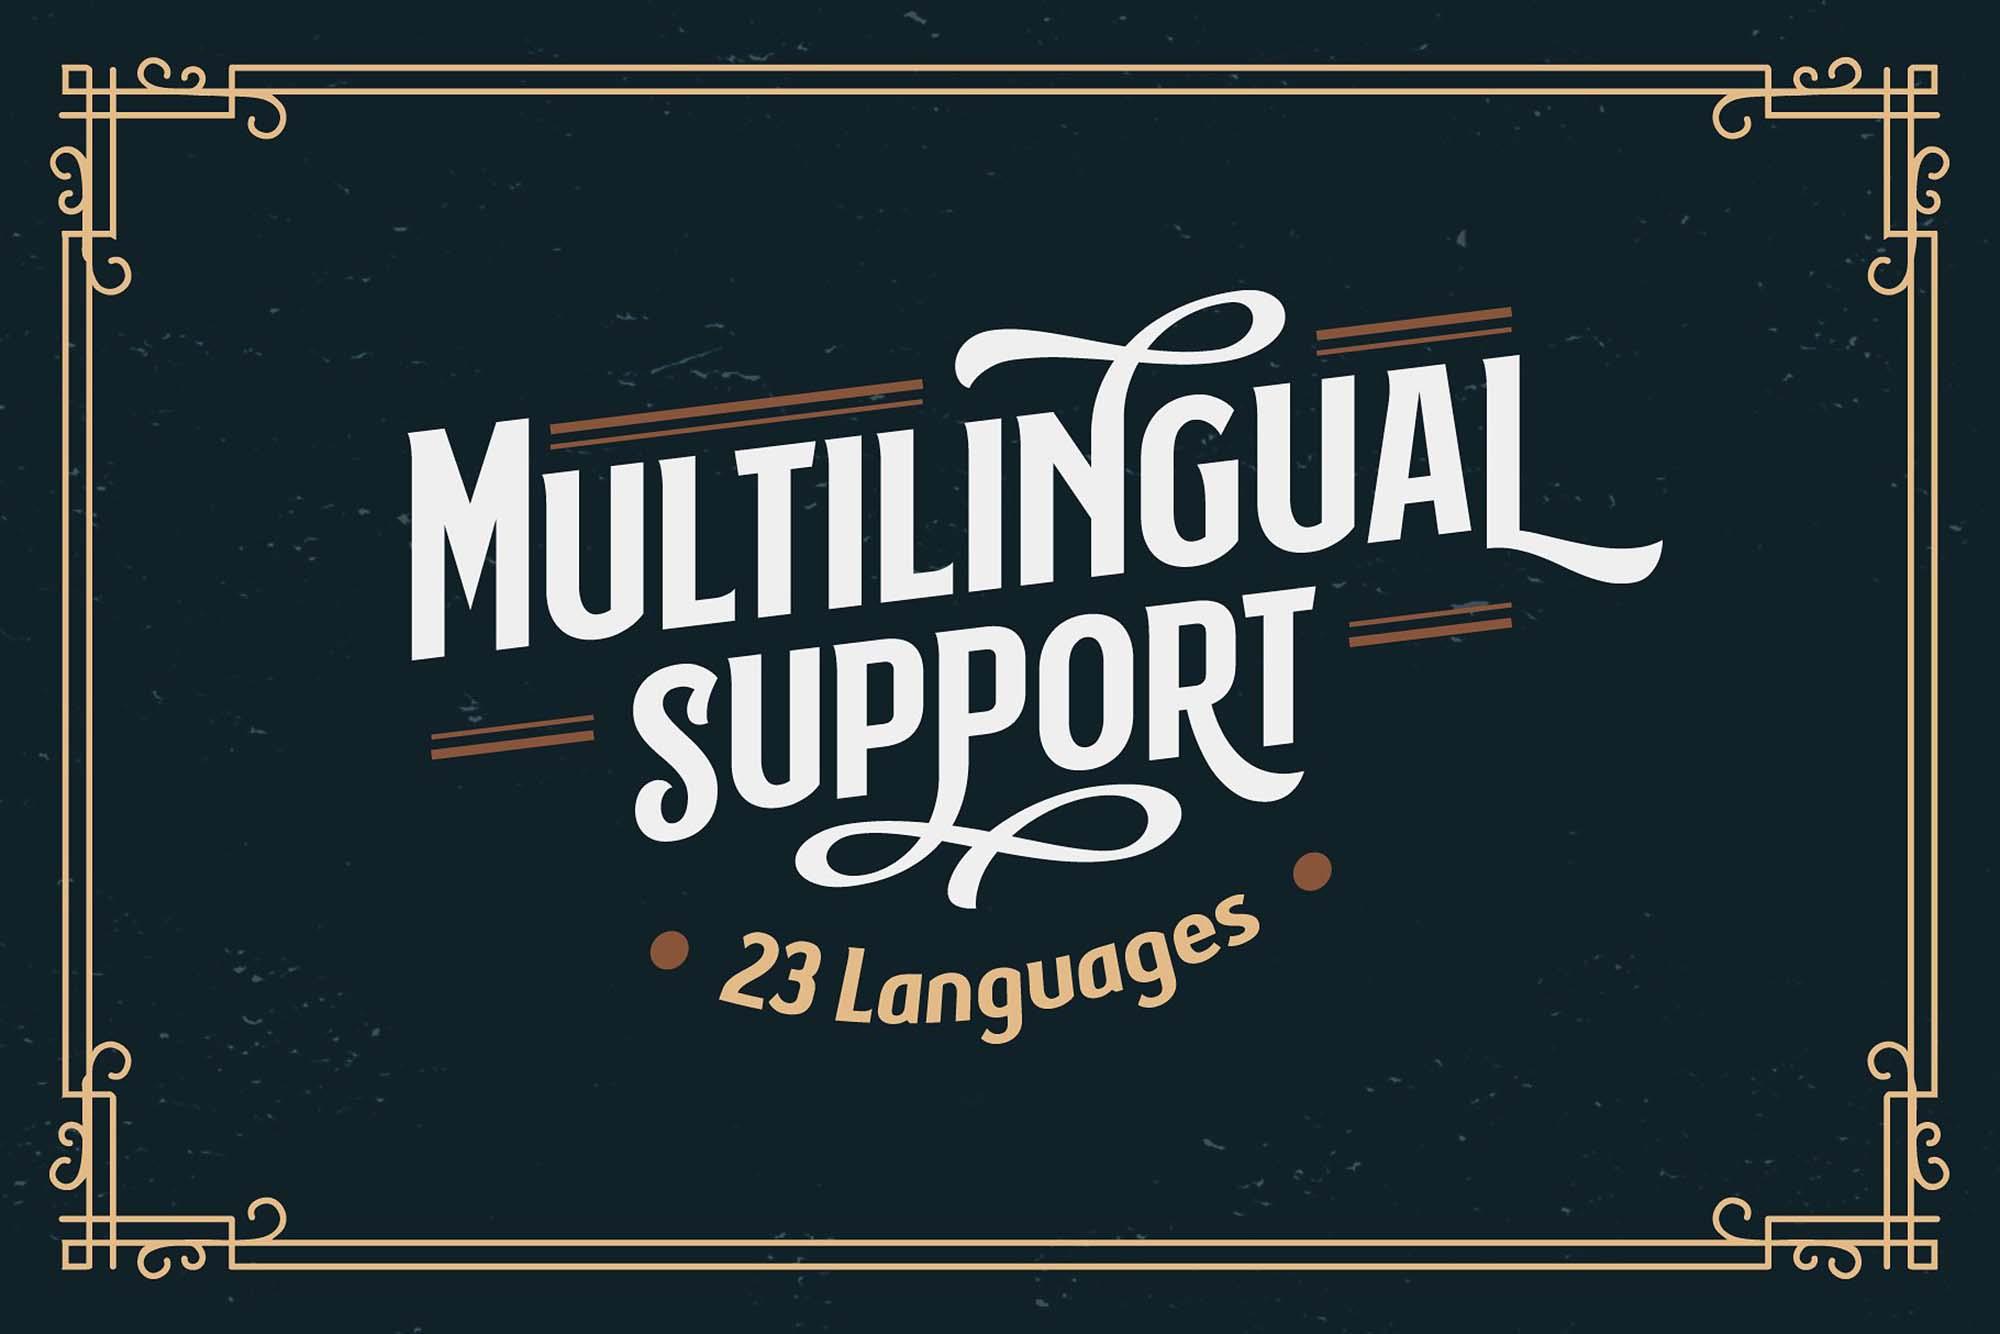 Subversia Typeface Multingual